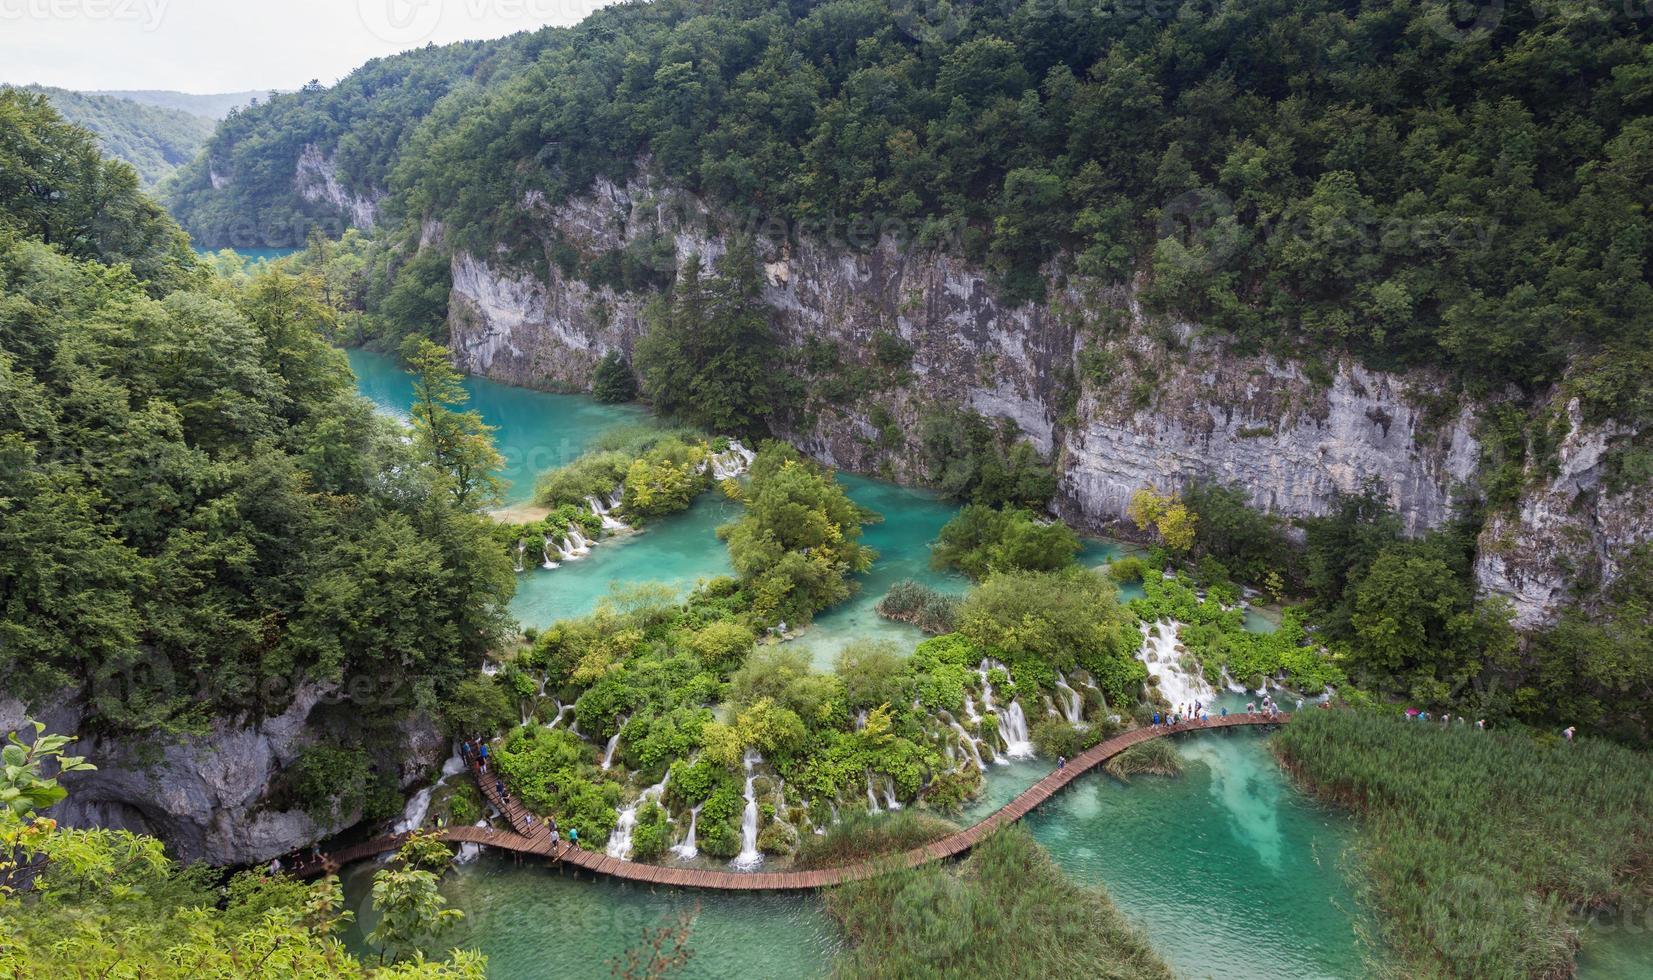 adembenemend uitzicht in het nationaal park Plitvice meren. kroatië foto